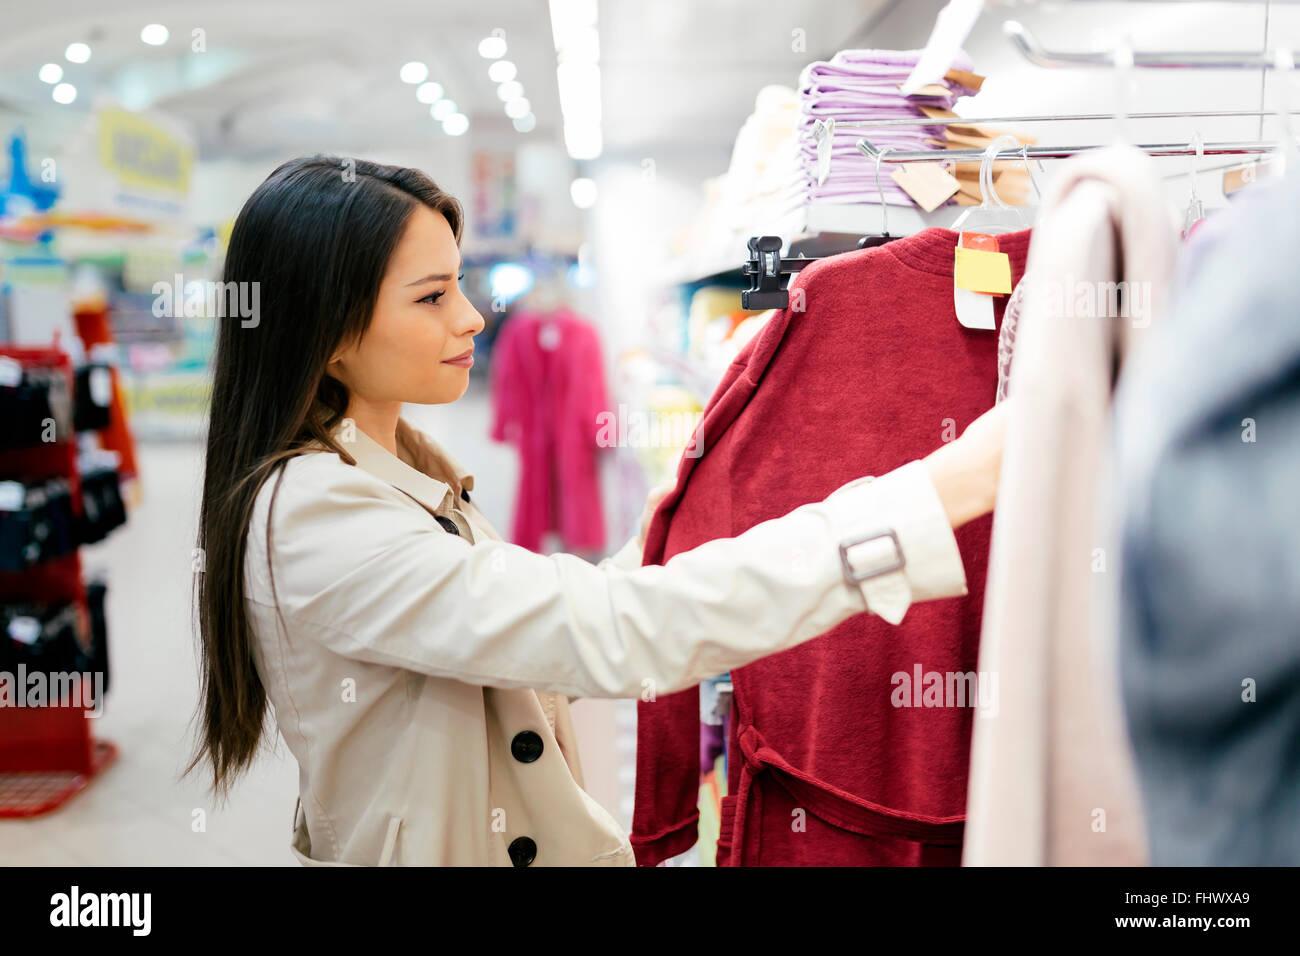 Schöne Frau mit einem Blick durch die Kleidung Stockbild